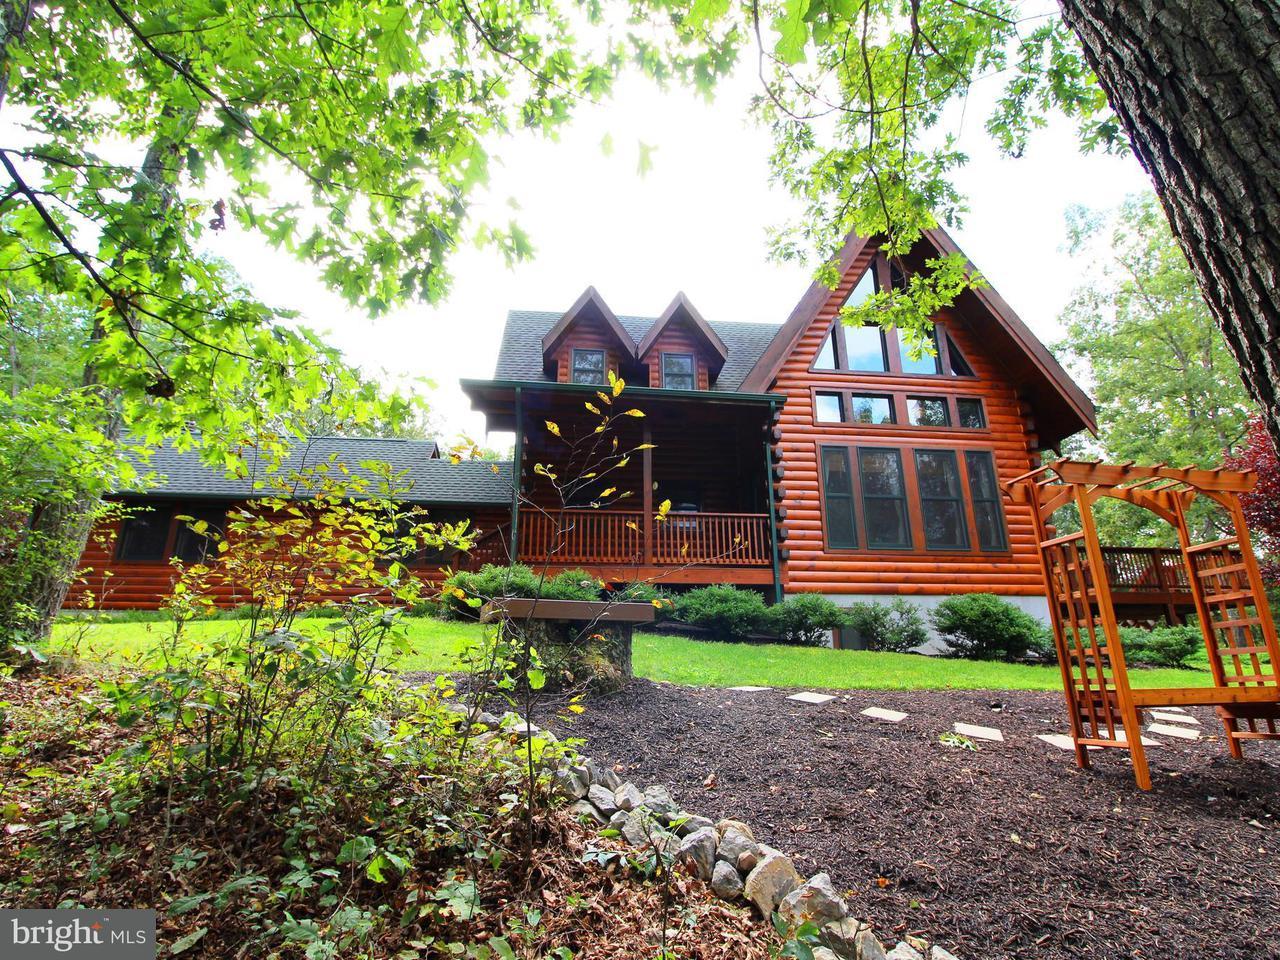 一戸建て のために 売買 アット 82 SABRINA Lane 82 SABRINA Lane Hedgesville, ウェストバージニア 25427 アメリカ合衆国